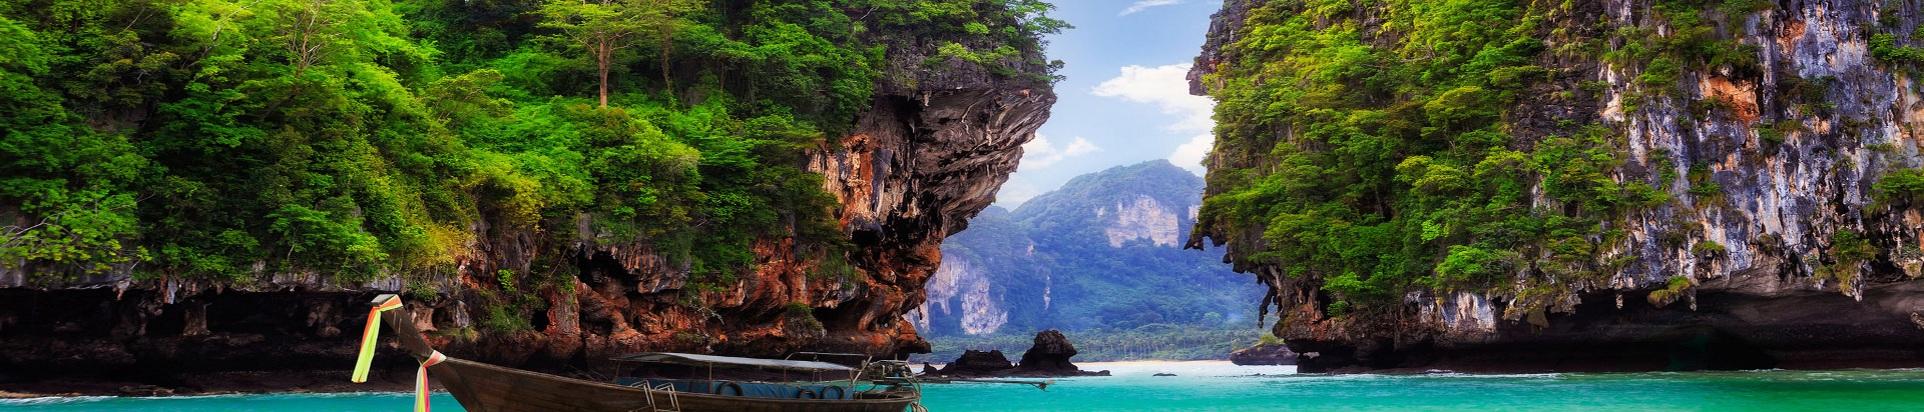 Прямые поставки из Таиланда